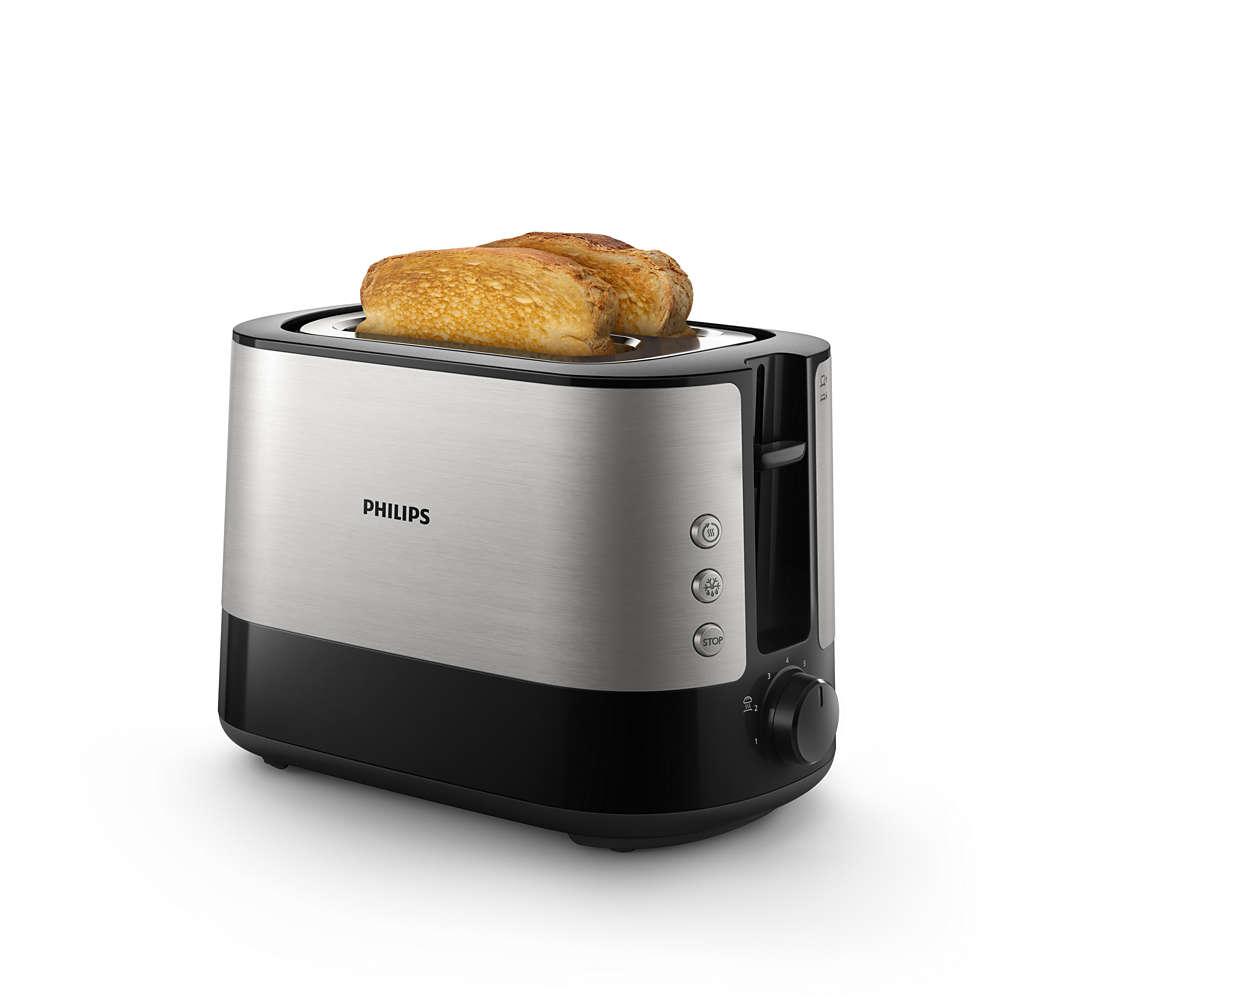 Odličen hrustljav opečen kruhek, ne glede na debelino